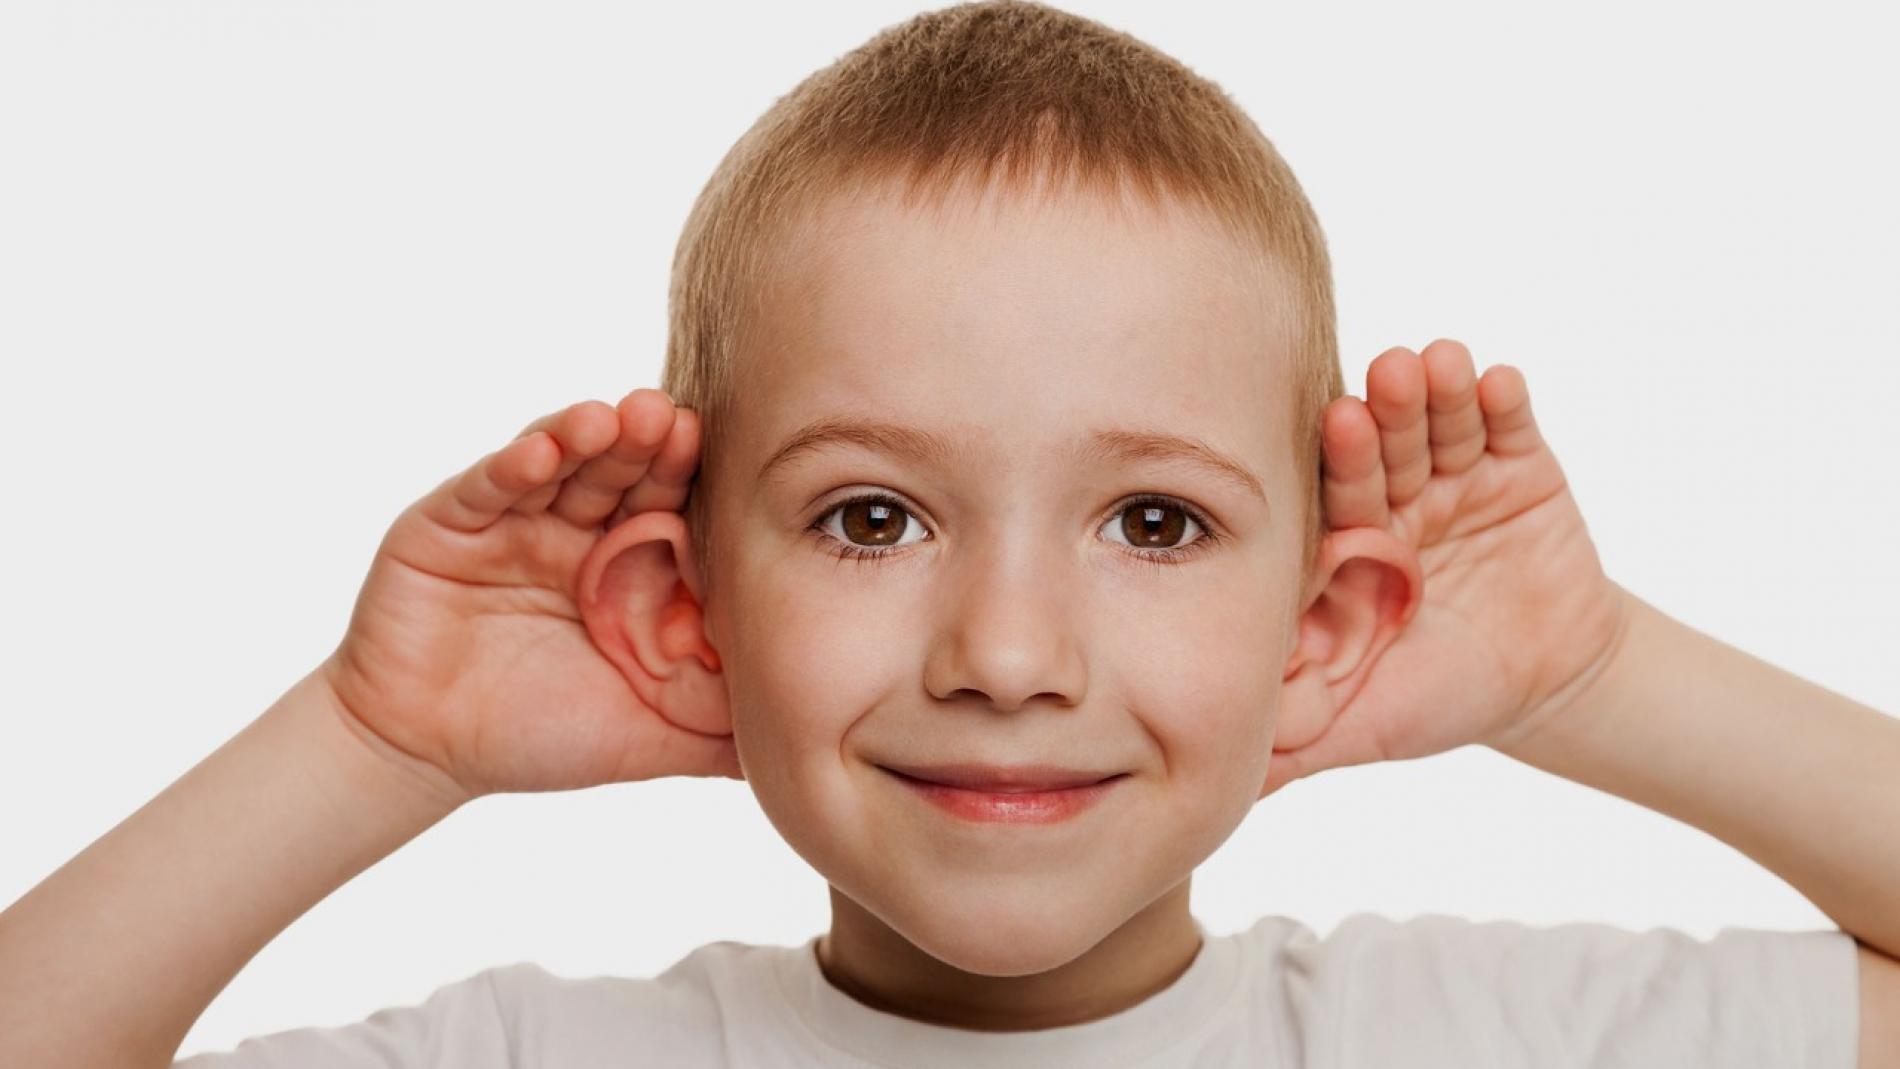 clinica de cirurgia plastica dra ana lucia lemos otoplastia orelha